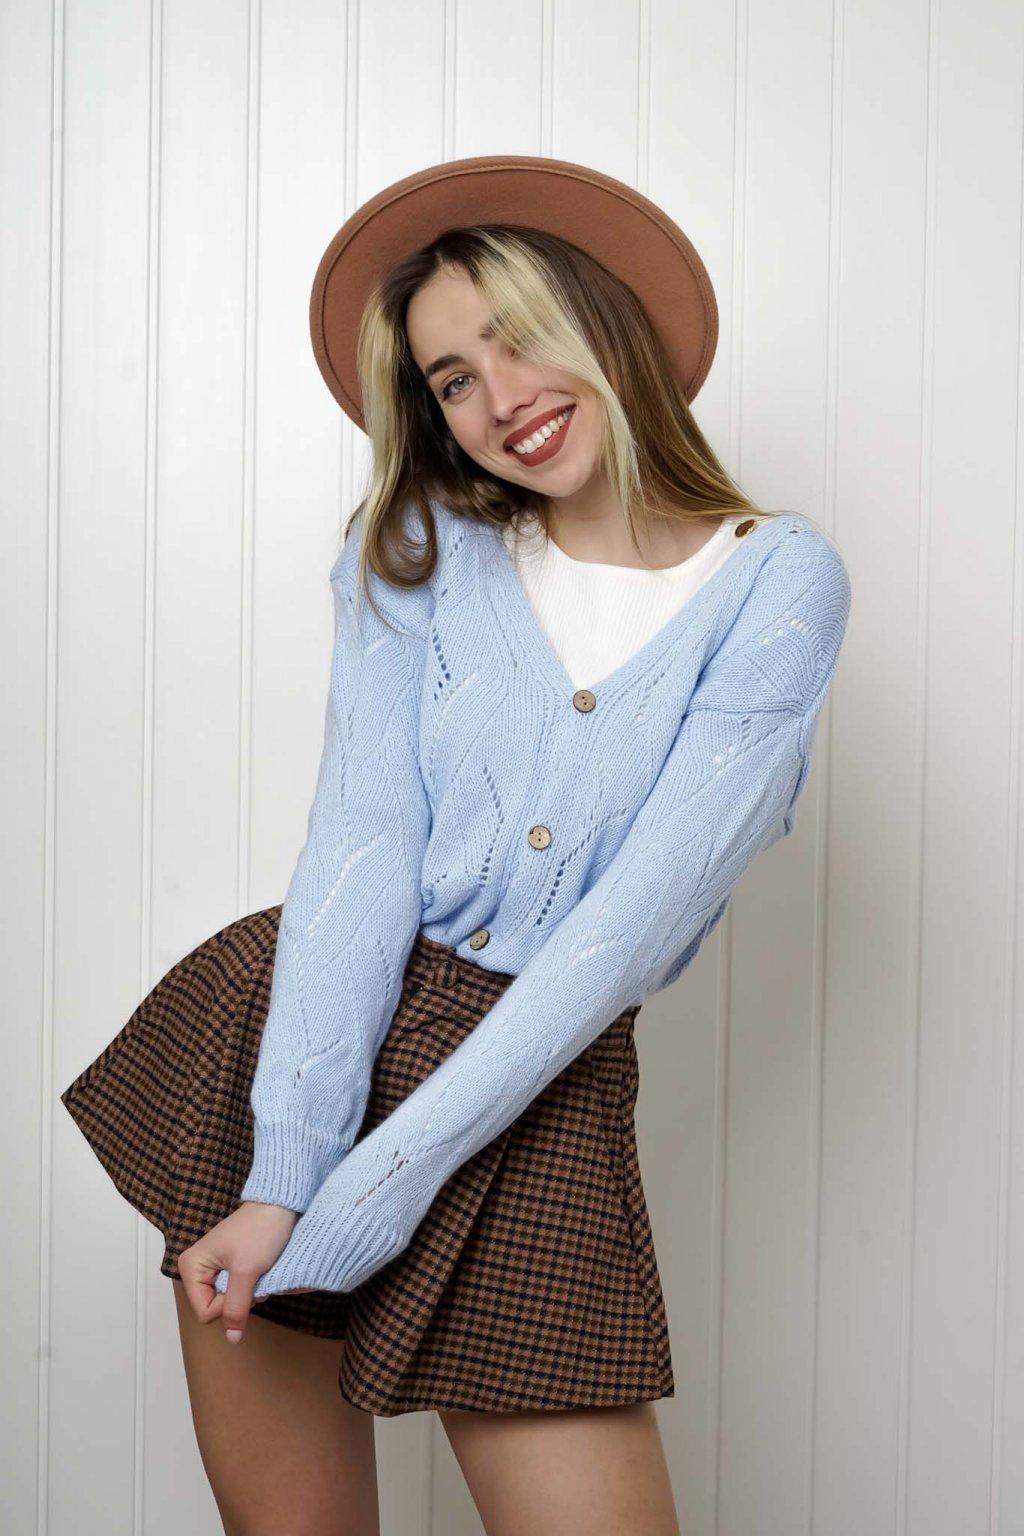 sveter, svetrík, sveter dámsky, úplet, úpletový sveter, jednoduchý sveter, v výstríh, štýlový, chlpatý,vzorovaný, srdiečkový, čierny, biely, farebný, 171